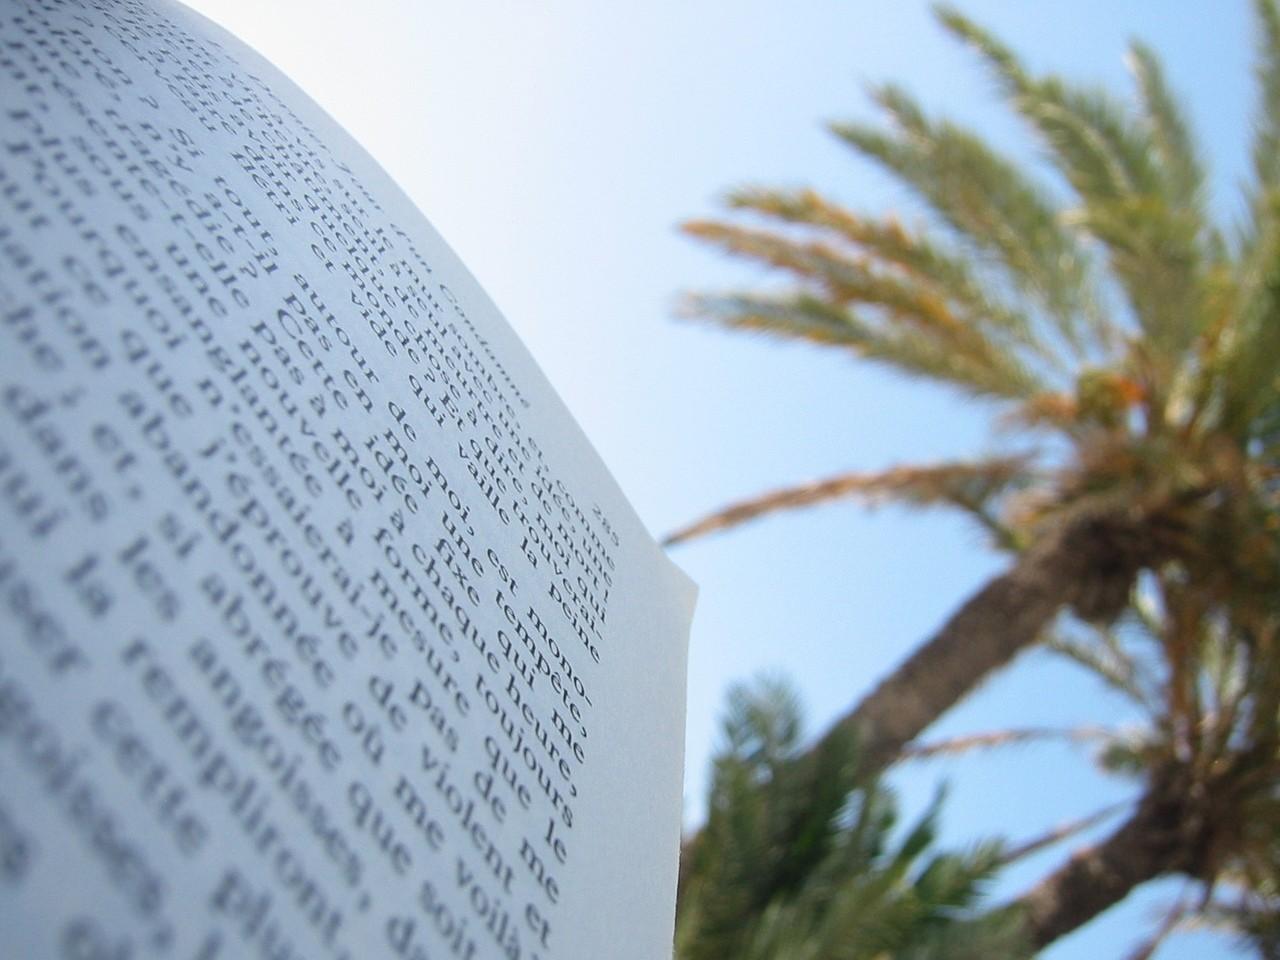 Jakie problemy mogą utrudniać pracę w biurze tłumaczeń?